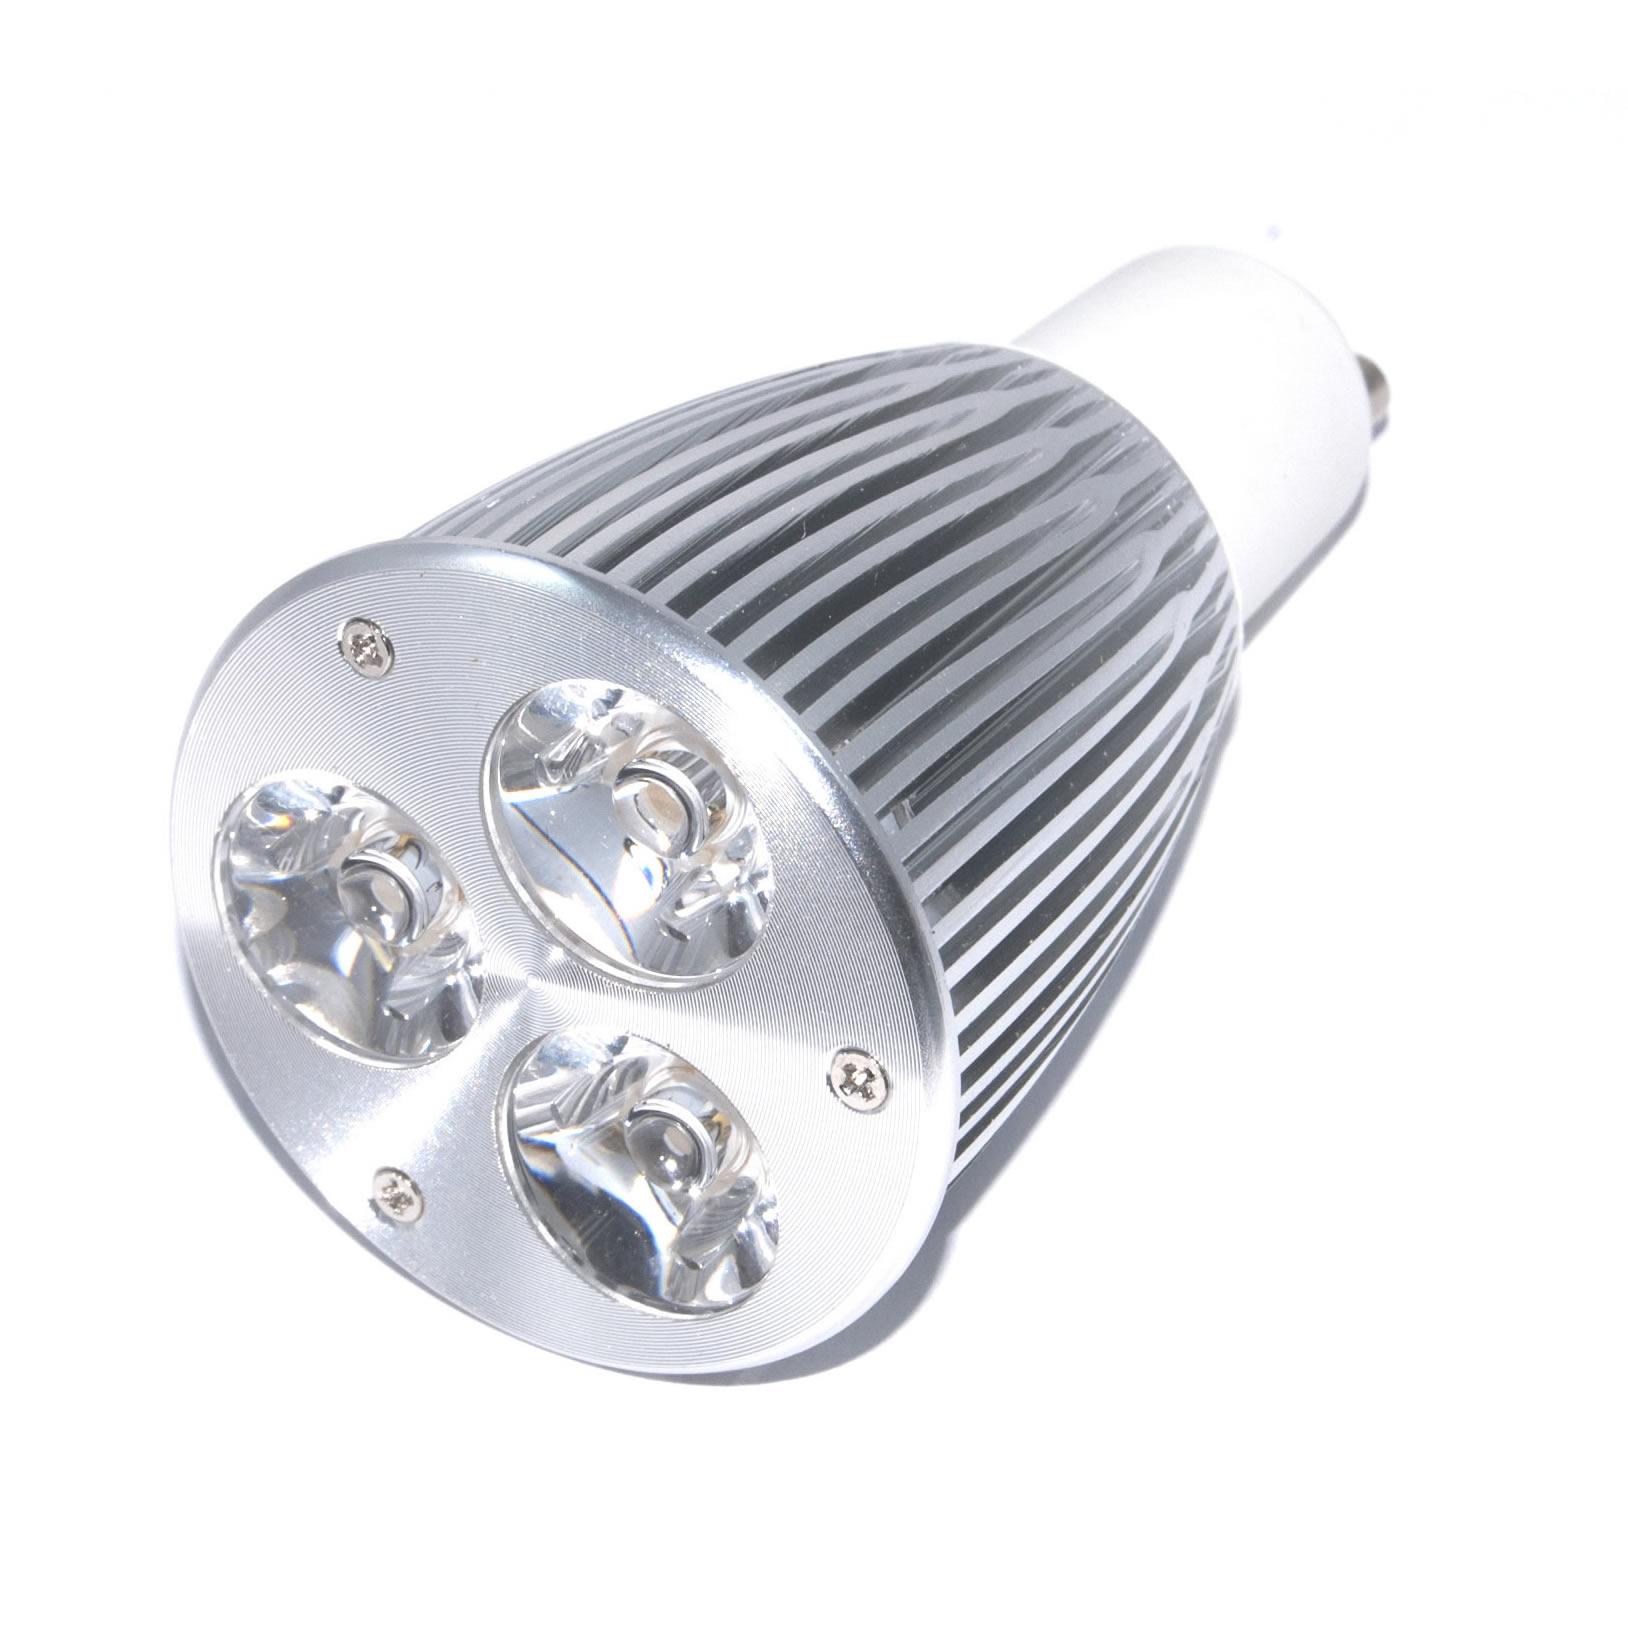 Gu10 powerled 3x3w power led spot 9 watt warm wit 45 for Led lampen 0 3 watt